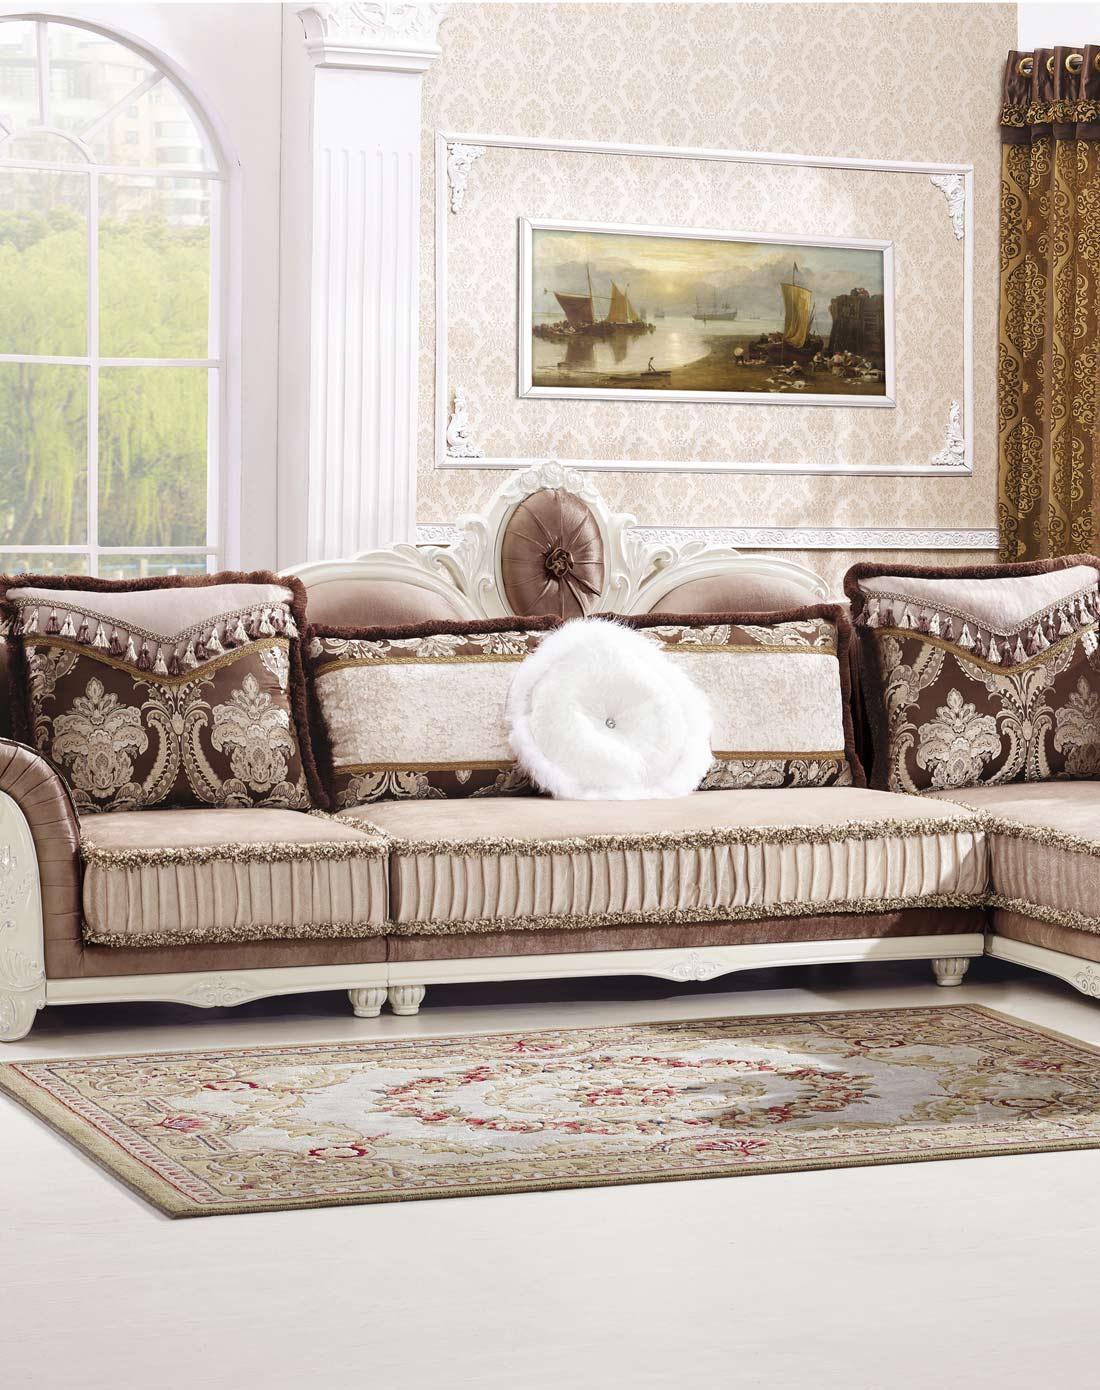 凯哲家具专场欧式转角实木雕花沙发组合+茶几+电视柜